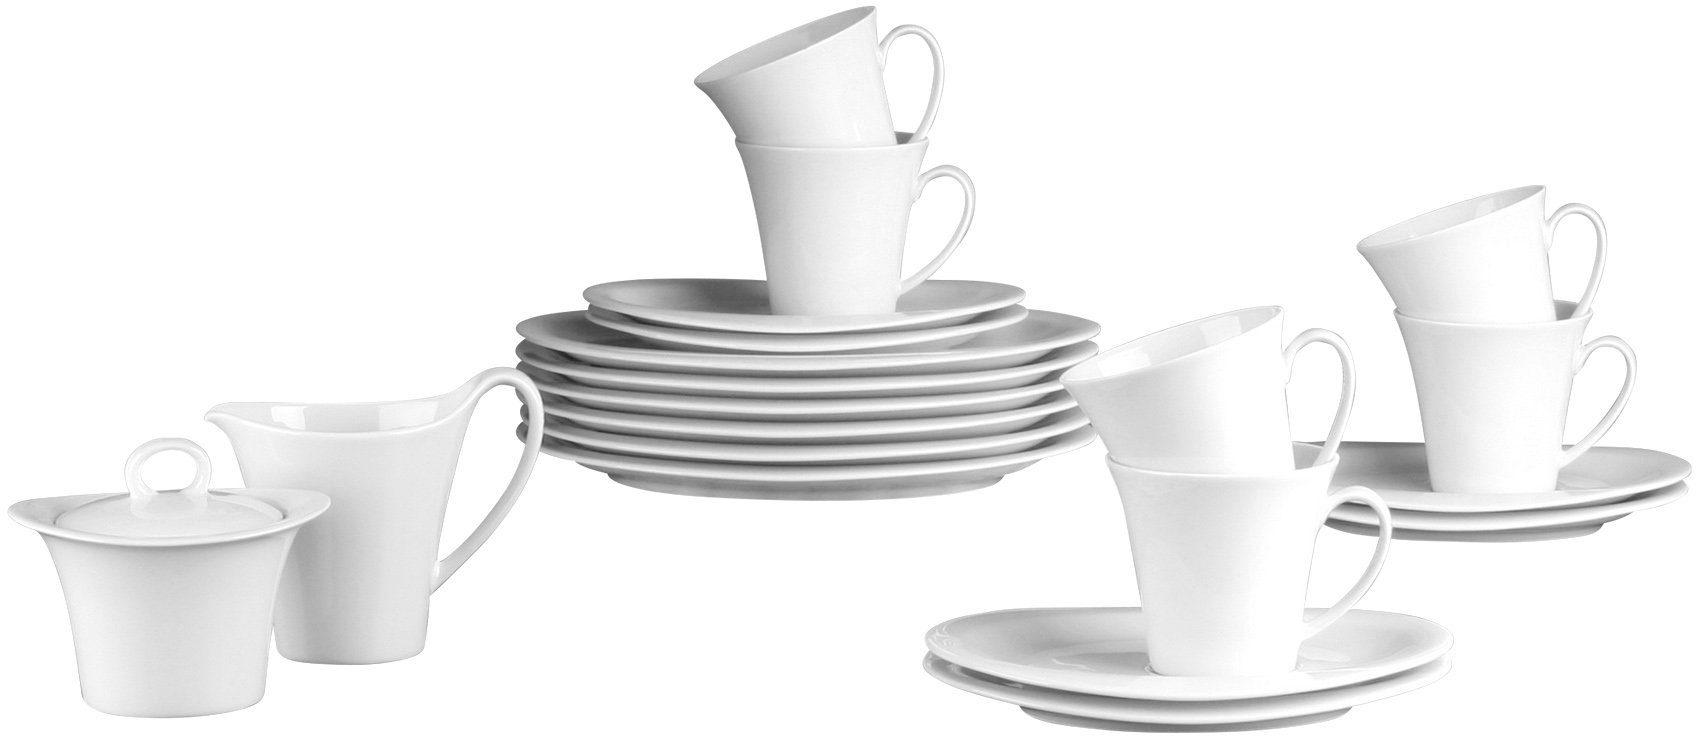 Seltmann Weiden Kaffeeservice, Porzellan, 20-teilig, »TOP LIFE«